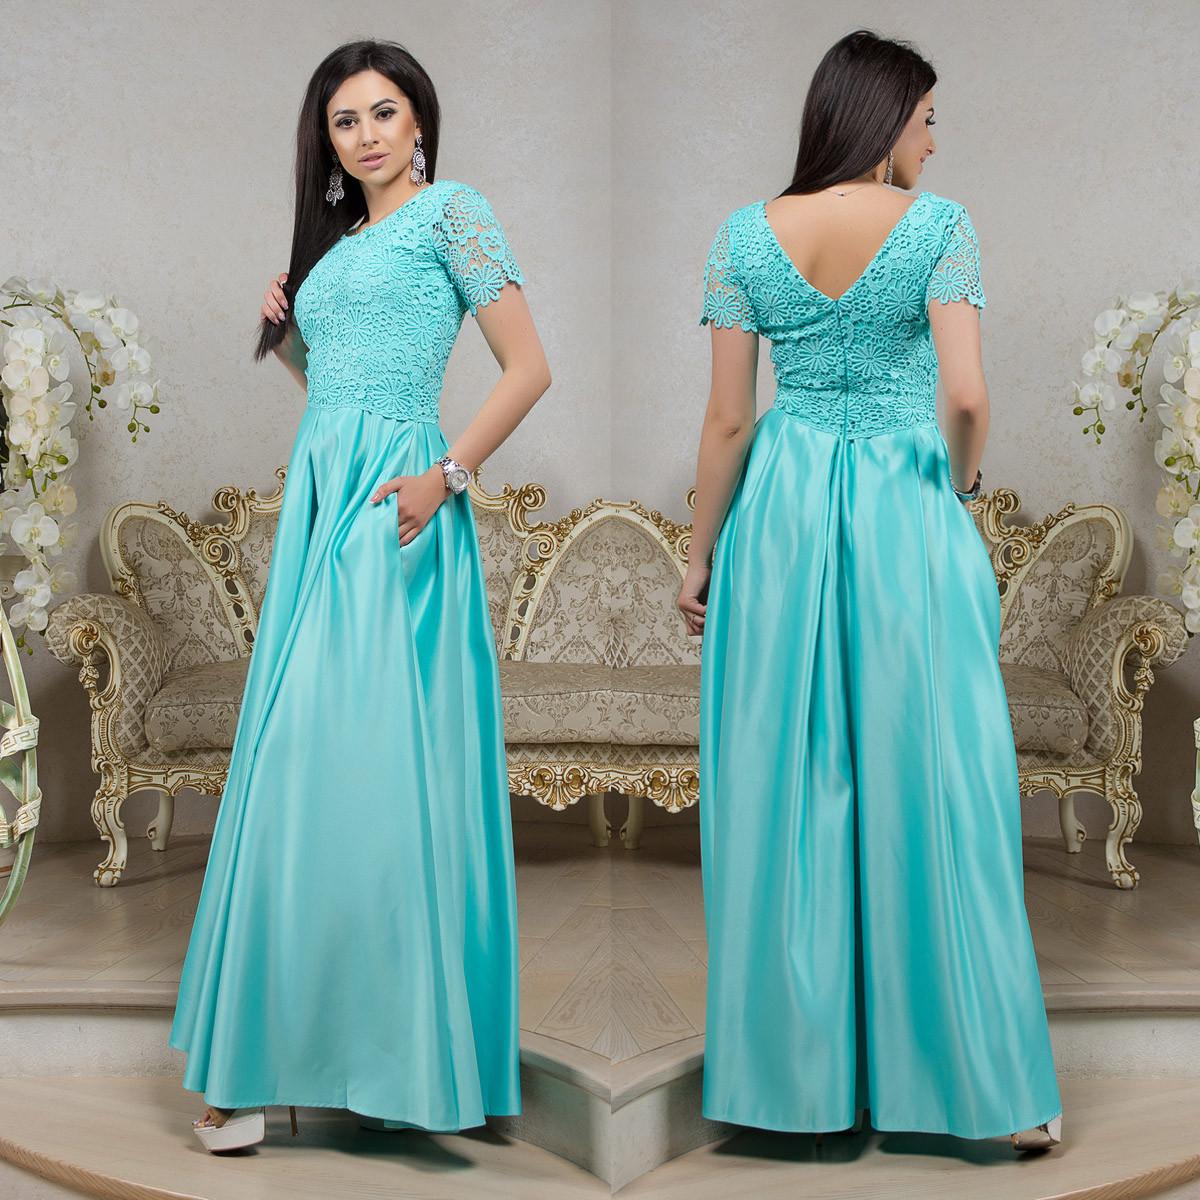 c2b8dfa6f2d Длинное мятное платье выпускное